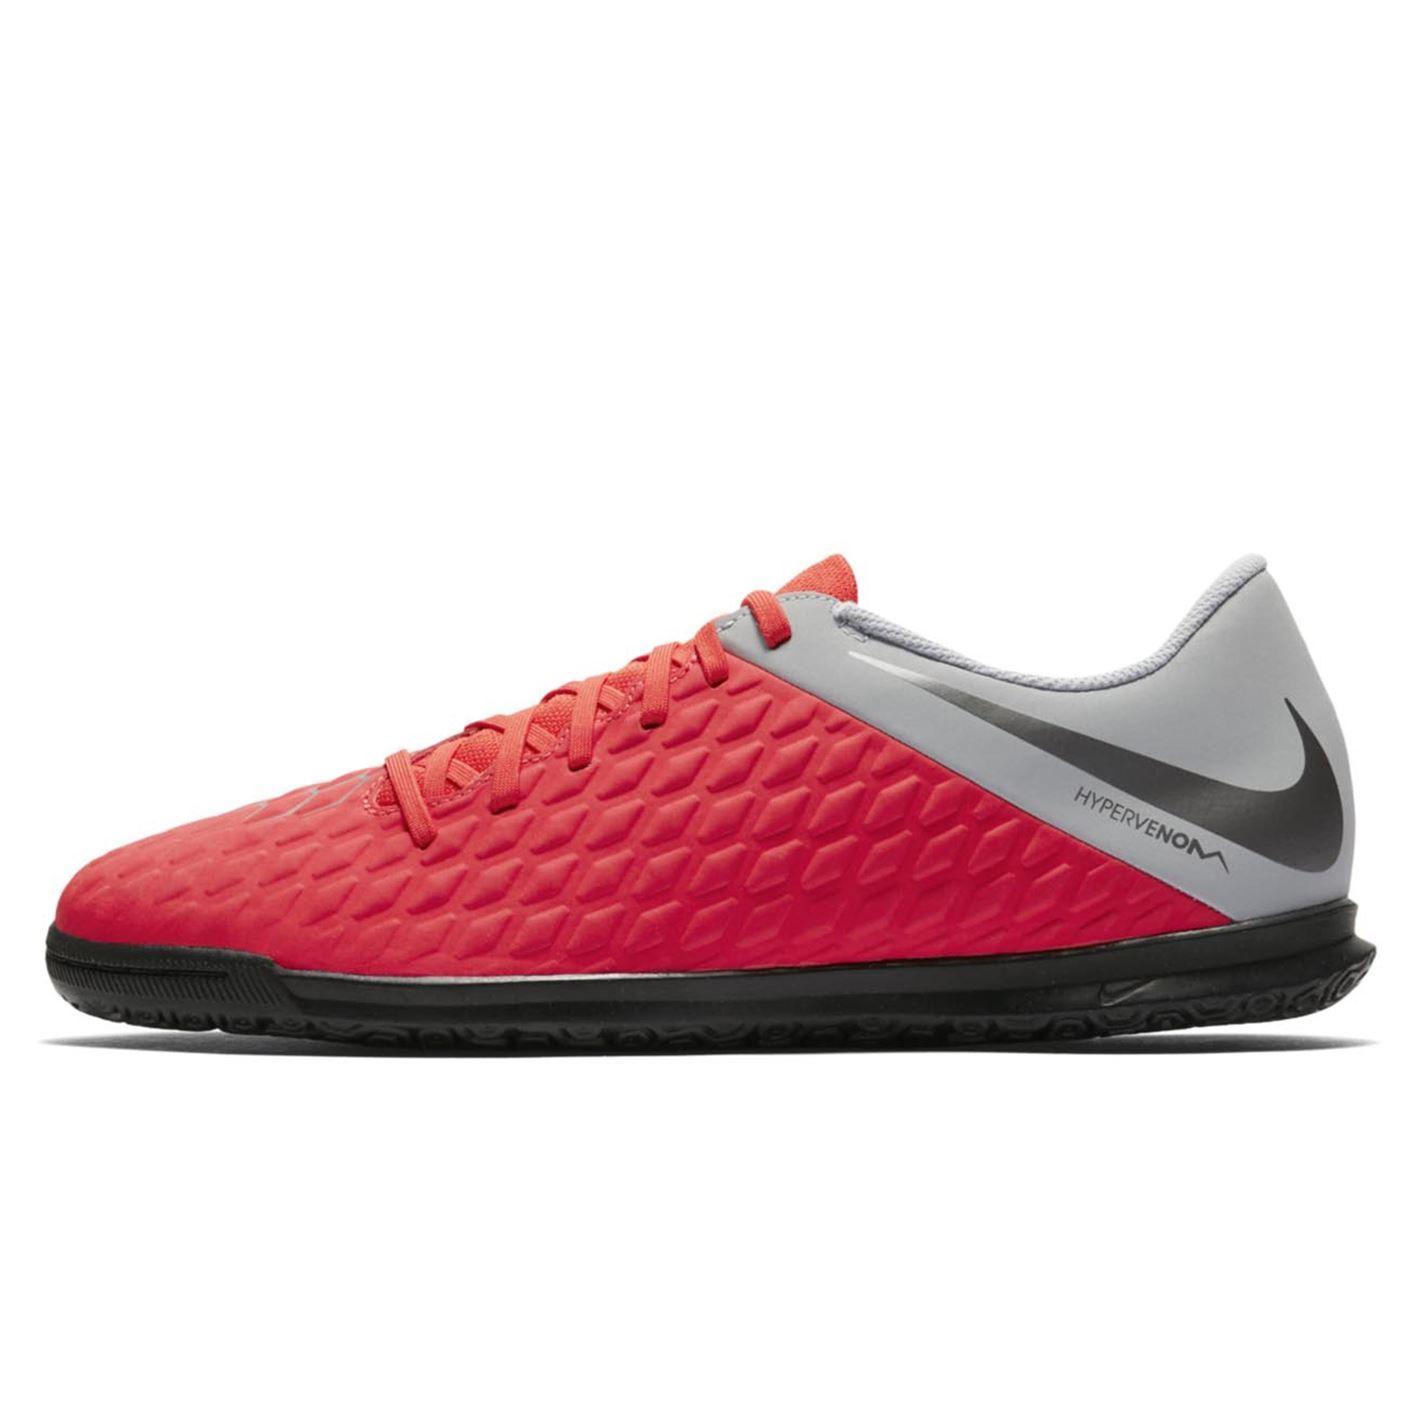 ad3b615ebe27 ... Nike Hypervenom Phantom Club Indoor Football Trainers Mens Soccer  Futsal Shoes